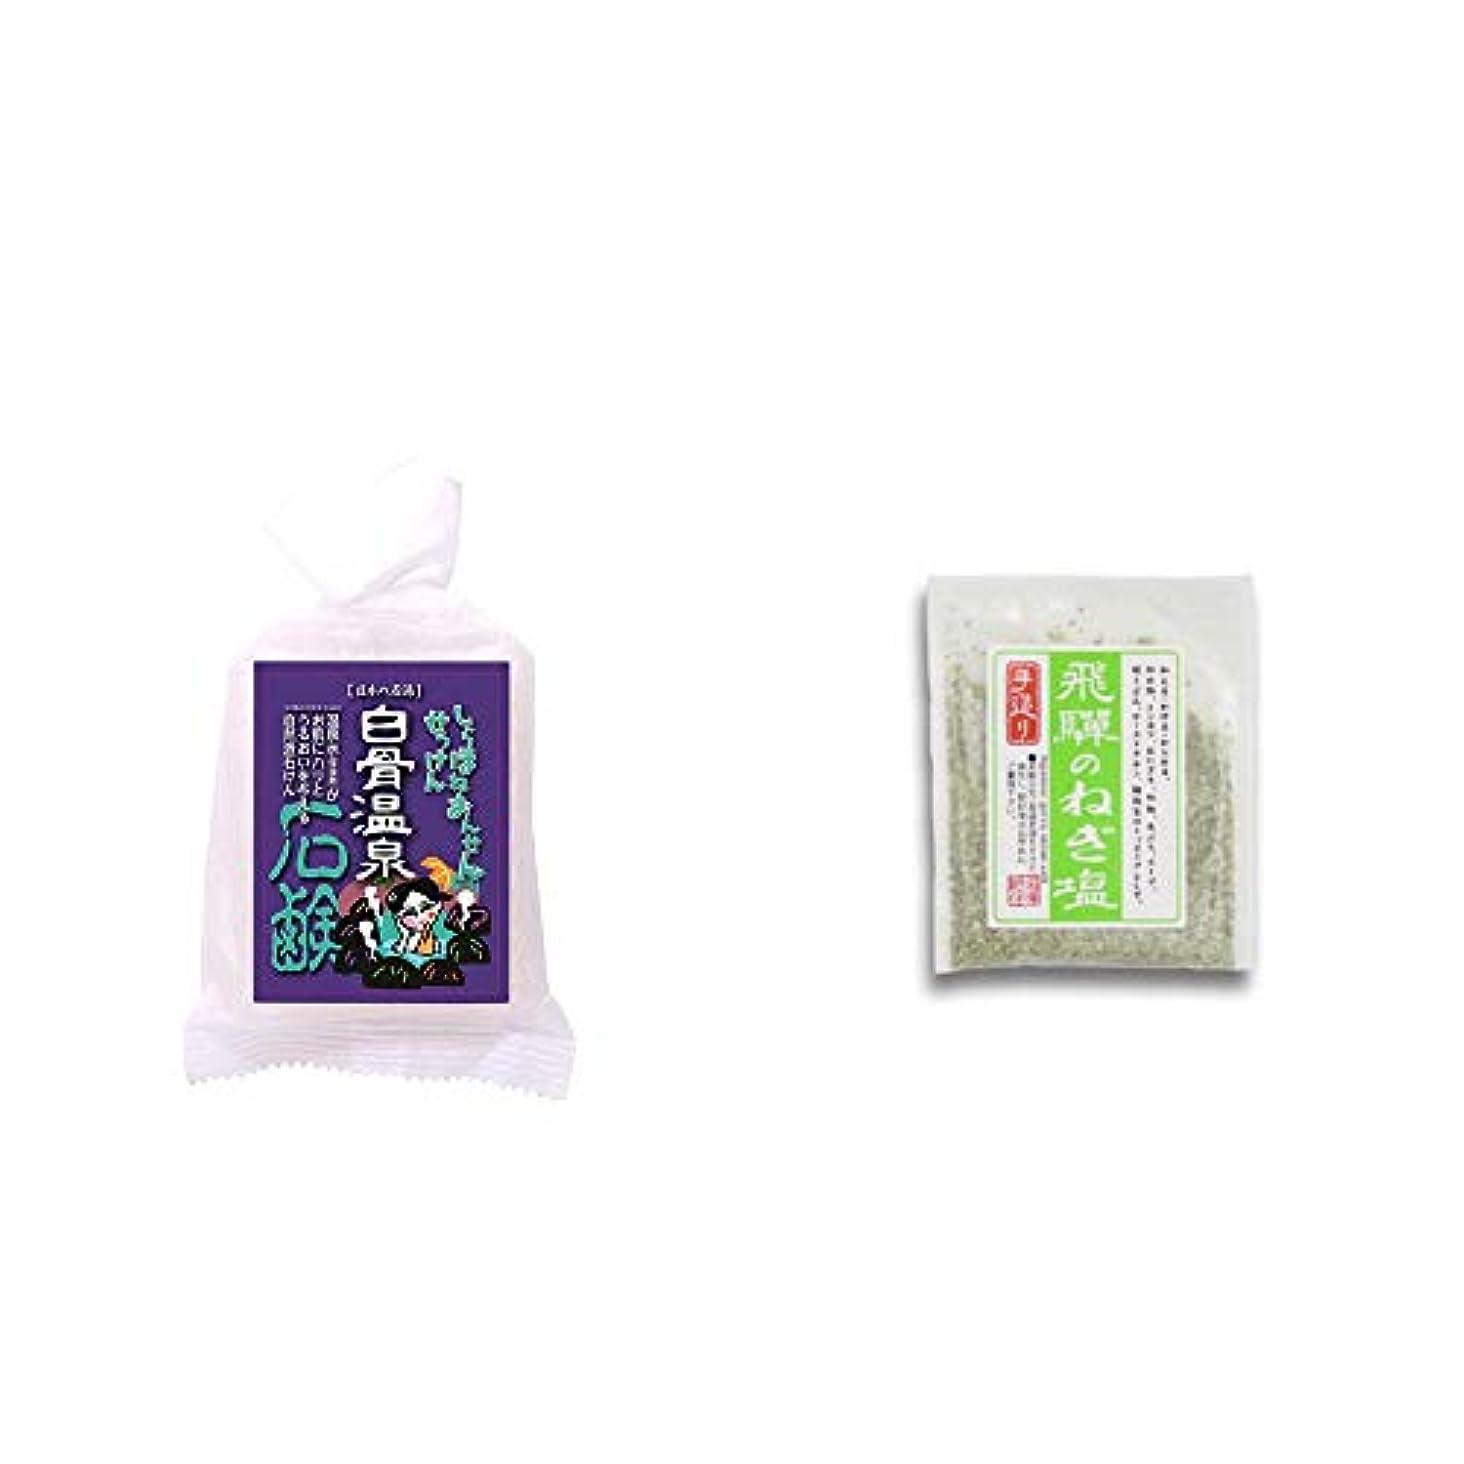 スクレーパー戦闘[2点セット] 信州 白骨温泉石鹸(80g)?手造り 飛騨のねぎ塩(40g)